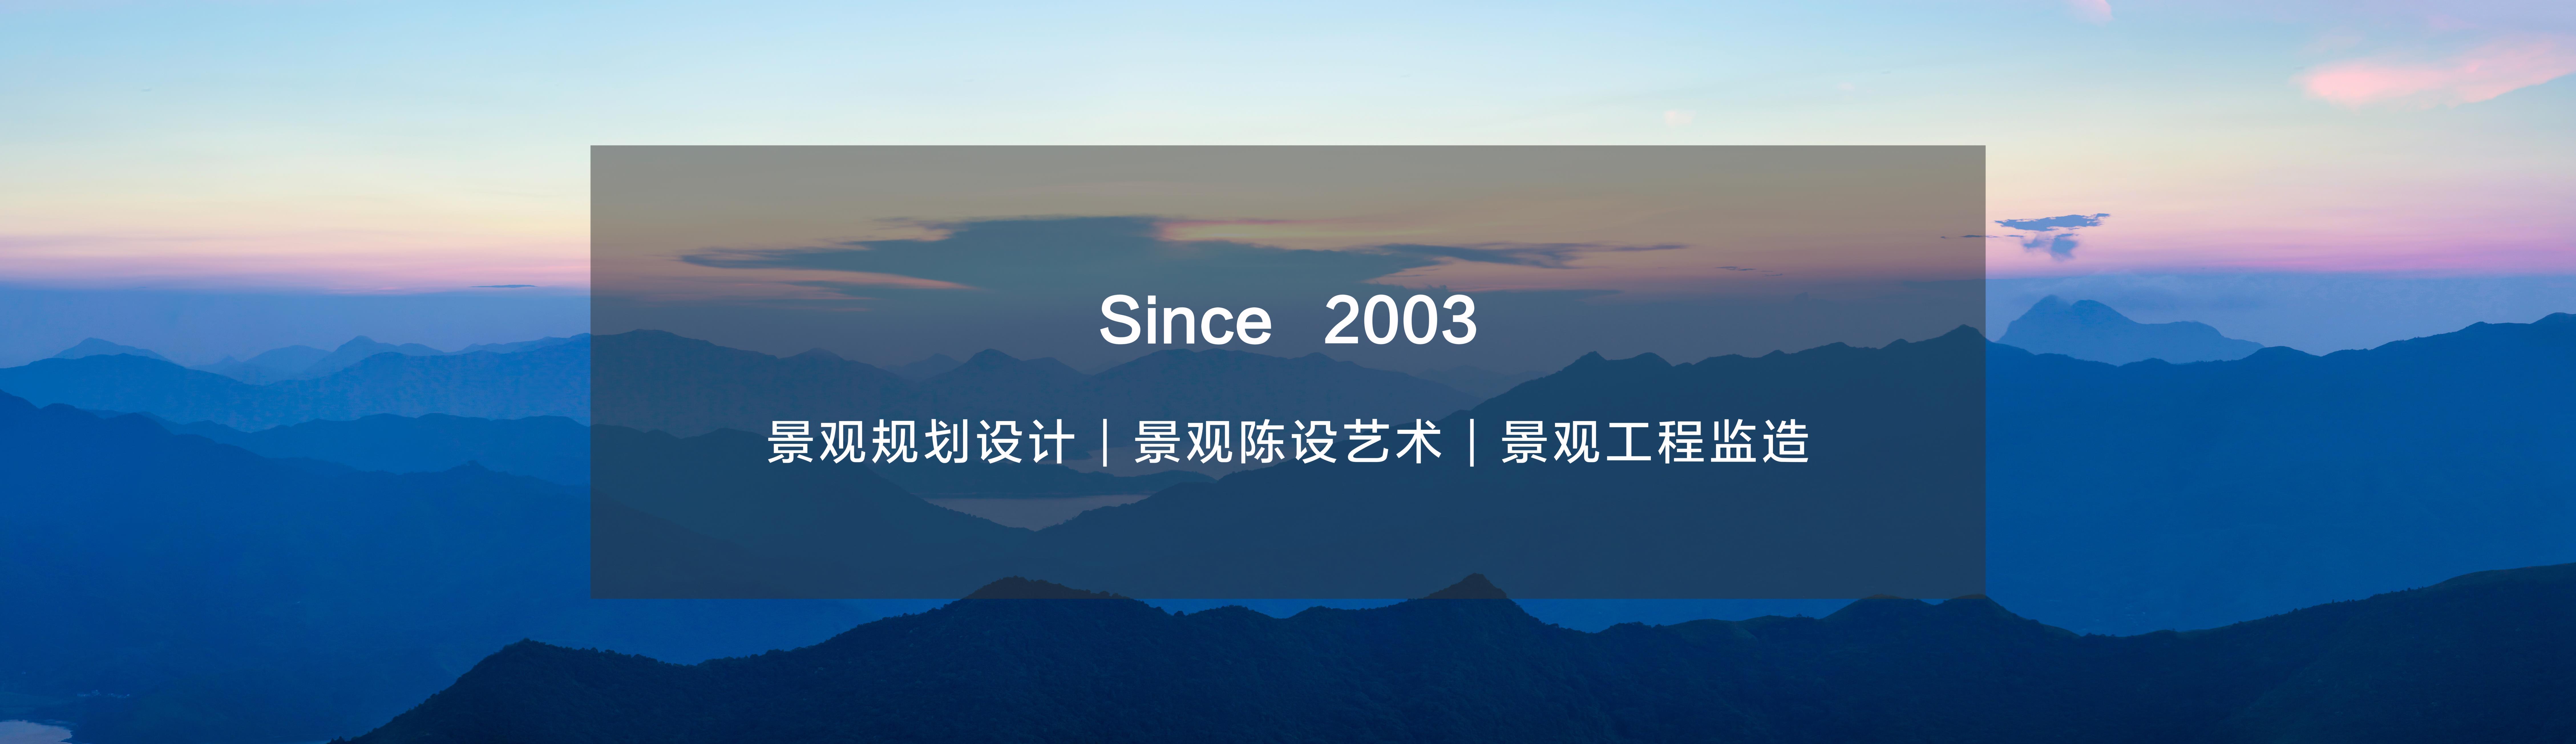 福建东易奇思景观设计有限公司